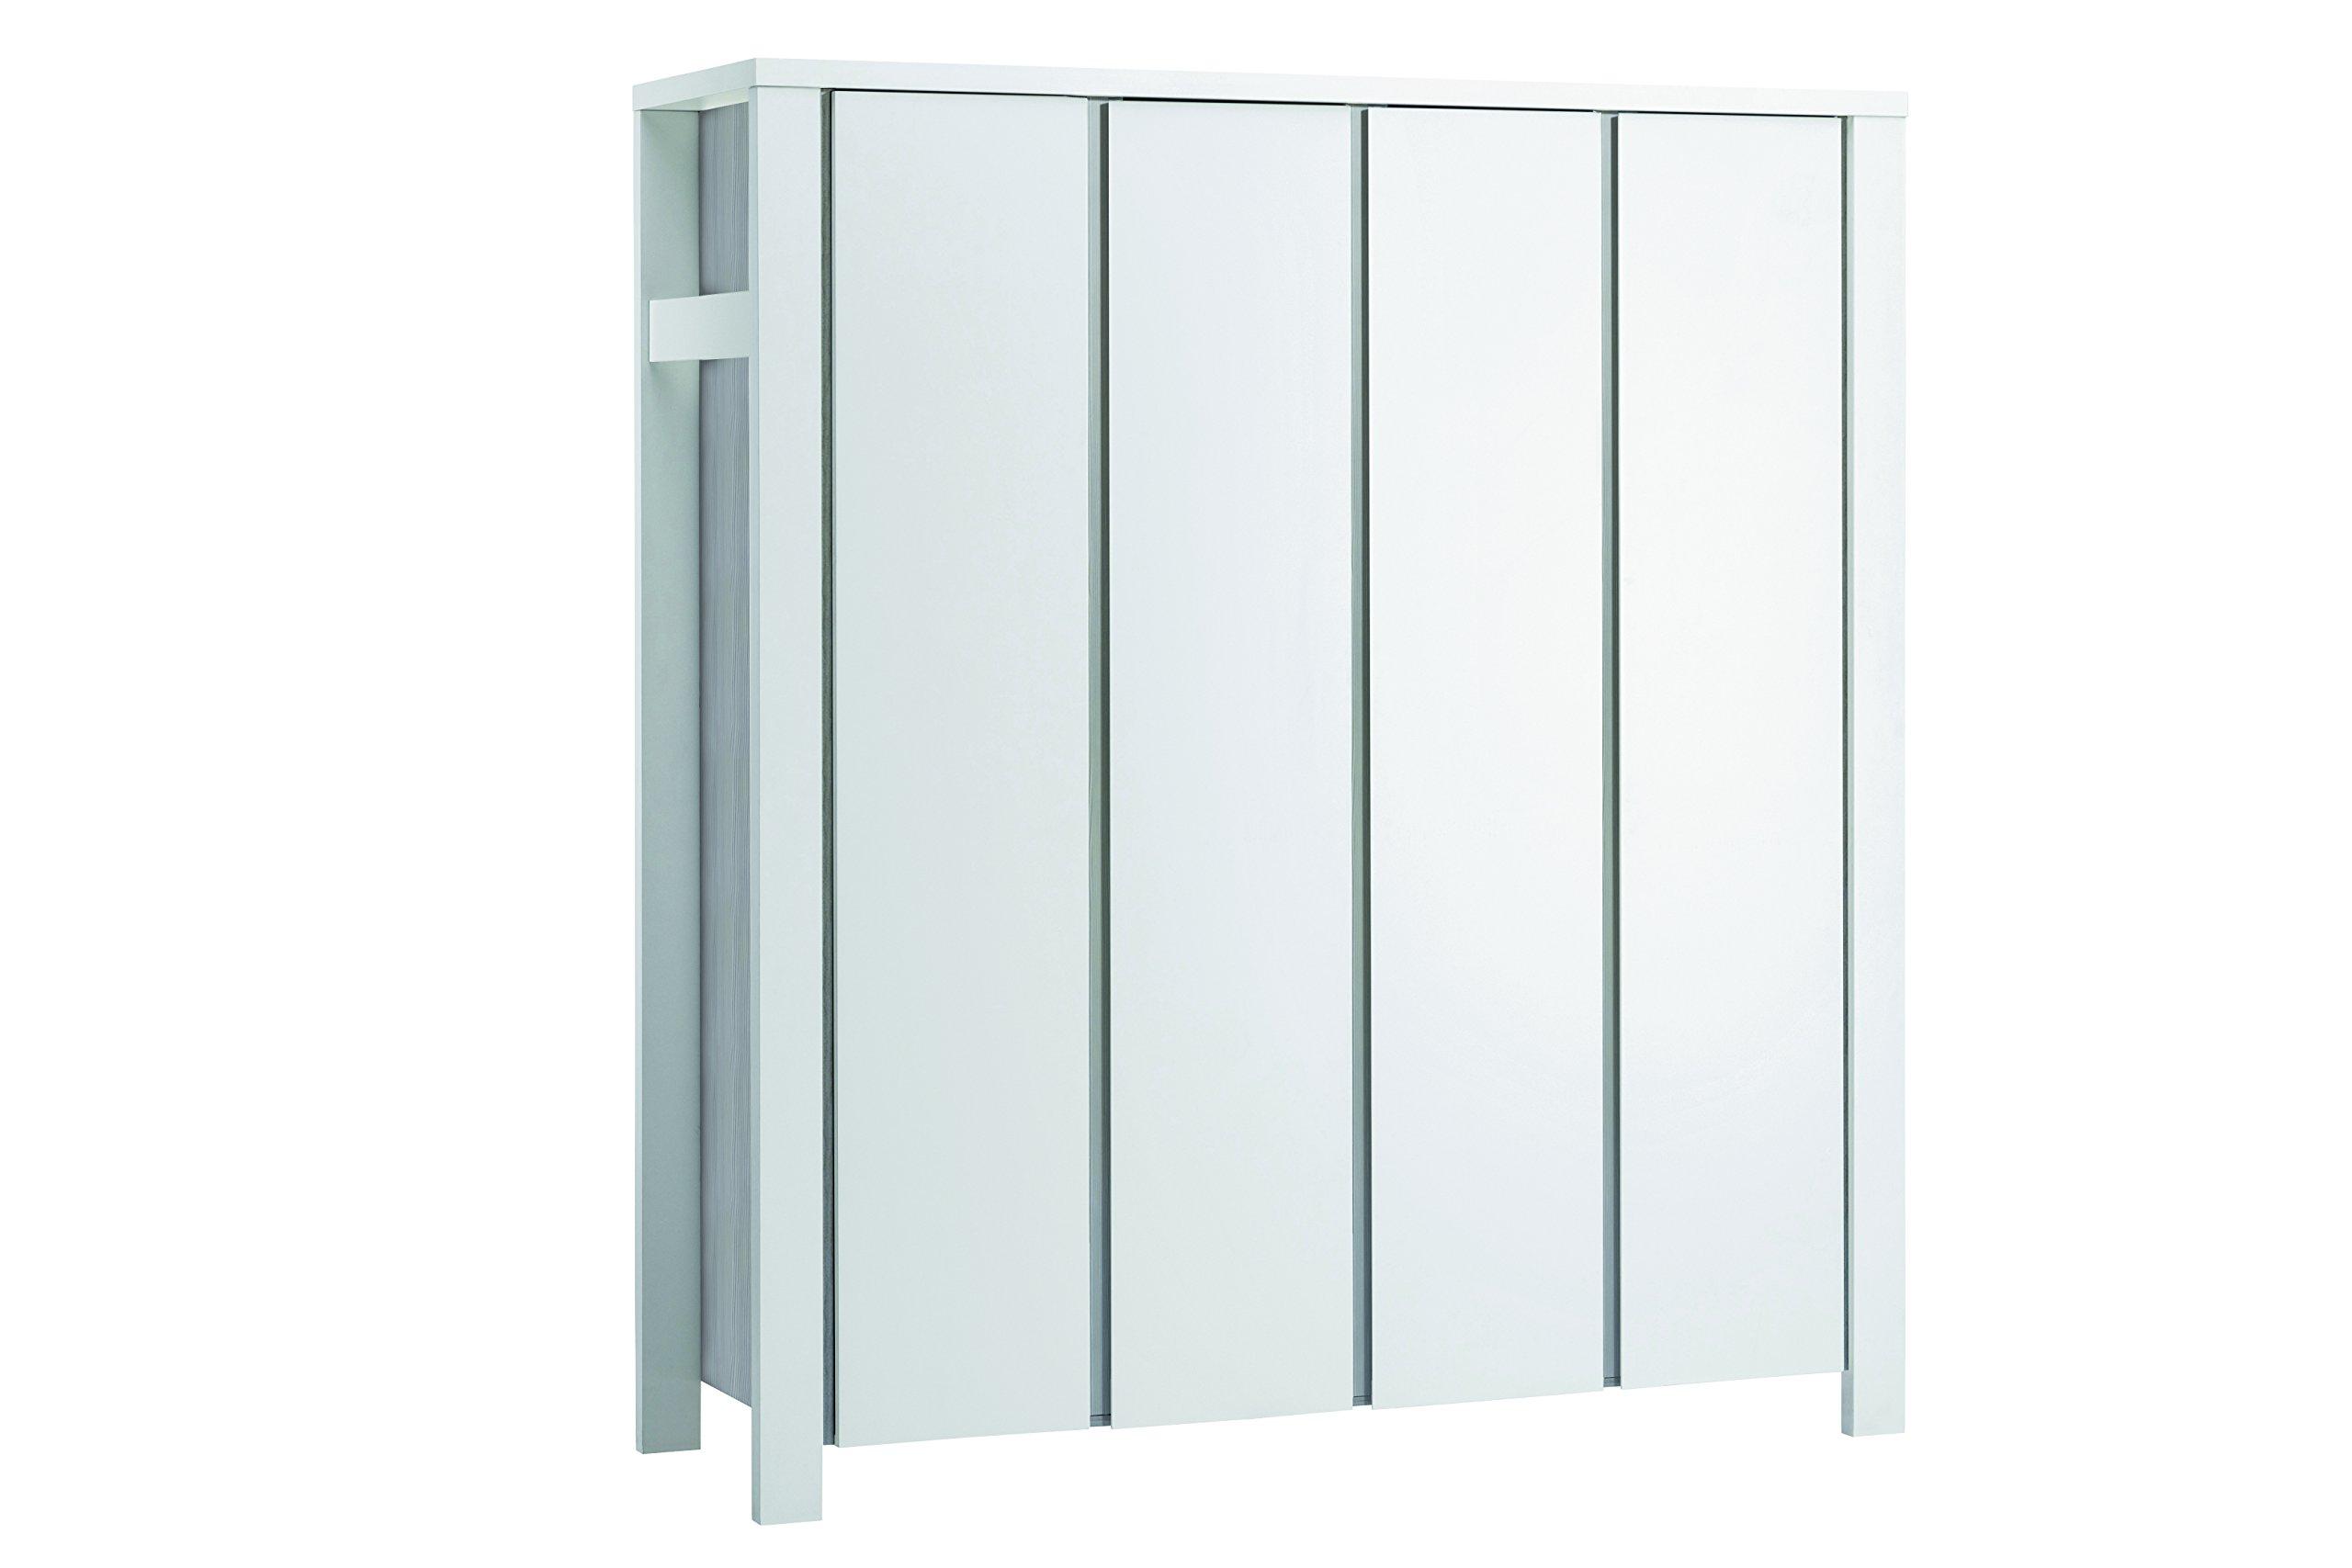 Schardt 066499102Bathroom Storage Cabinet  GEORG SCHARDT KG - DROPSHIP